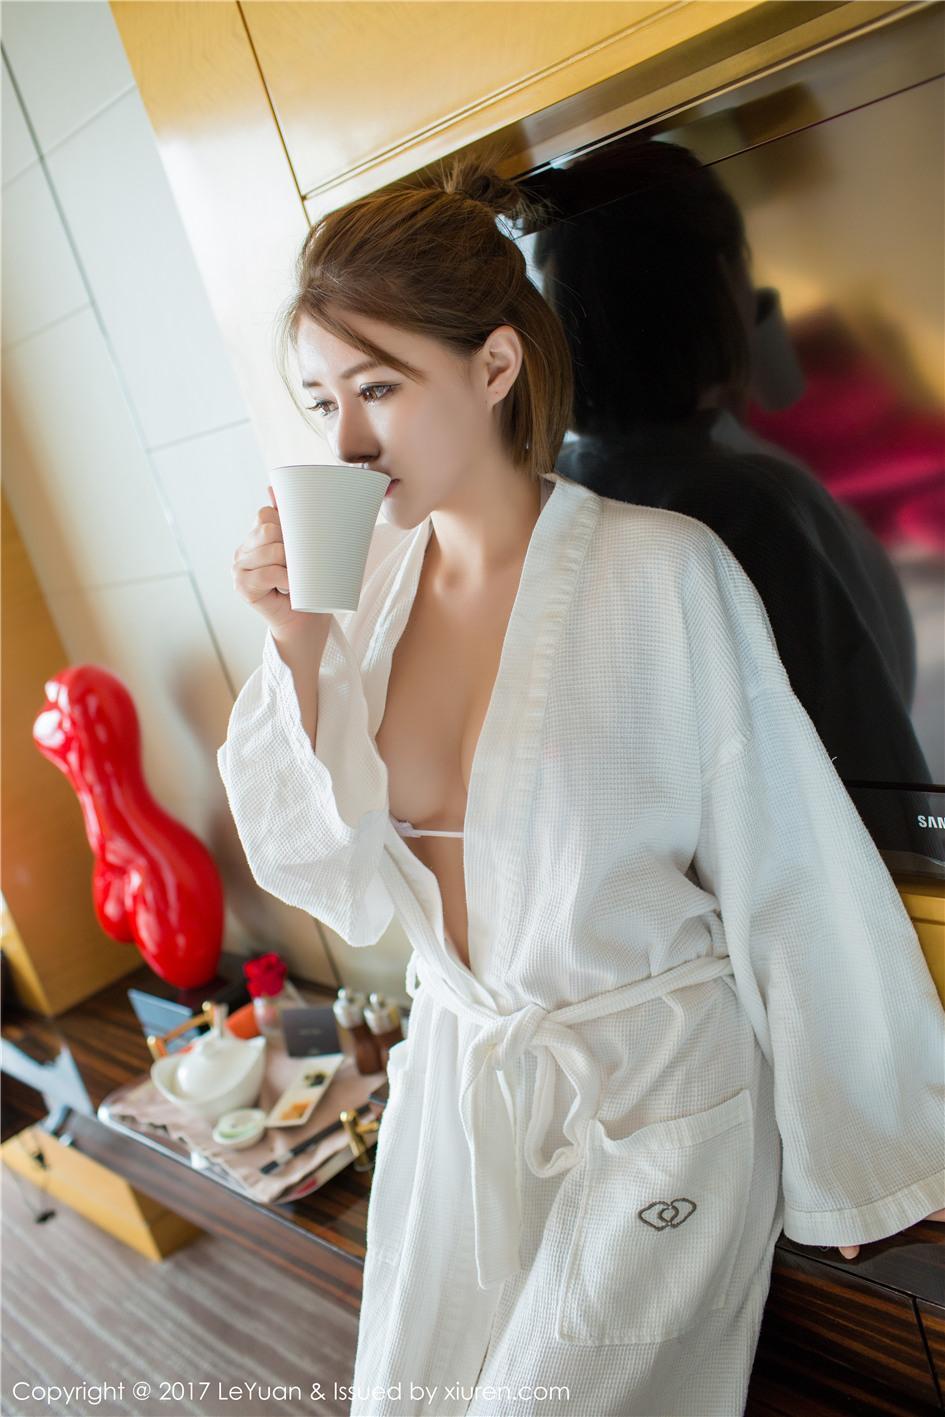 【星乐园】【凯竹BuiBui】 穿浴袍的凯竹BuiBui白皙长腿美女诱人美乳写真 VOL.023【21P】 性感内衣